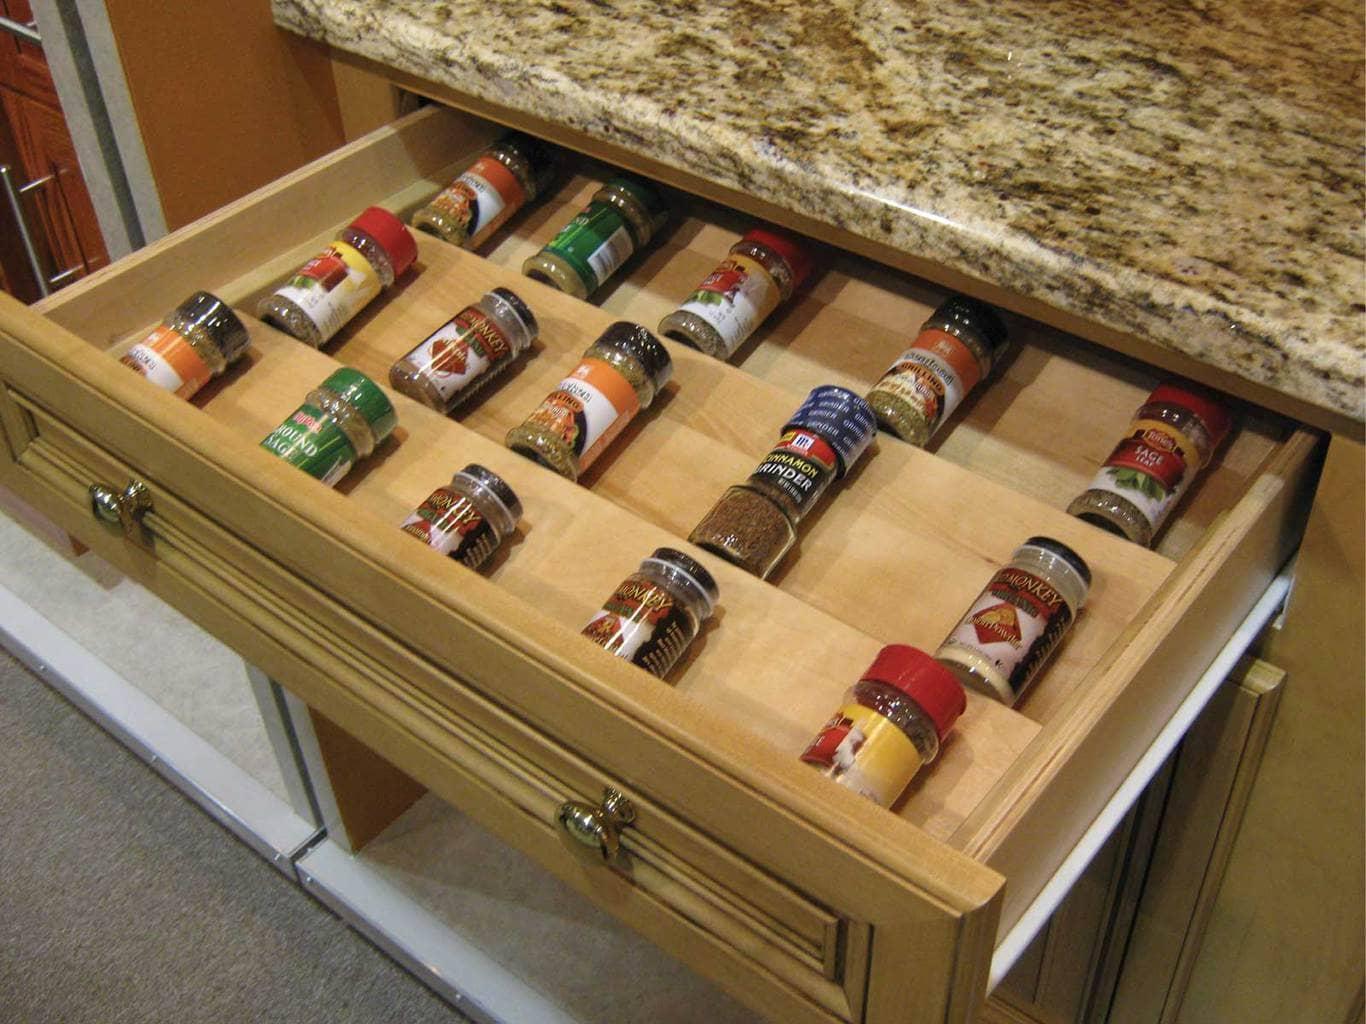 Kitchen drawer inserts for spices - Kitchen Drawer Inserts For Spices Wood Spice Drawer Insert Download